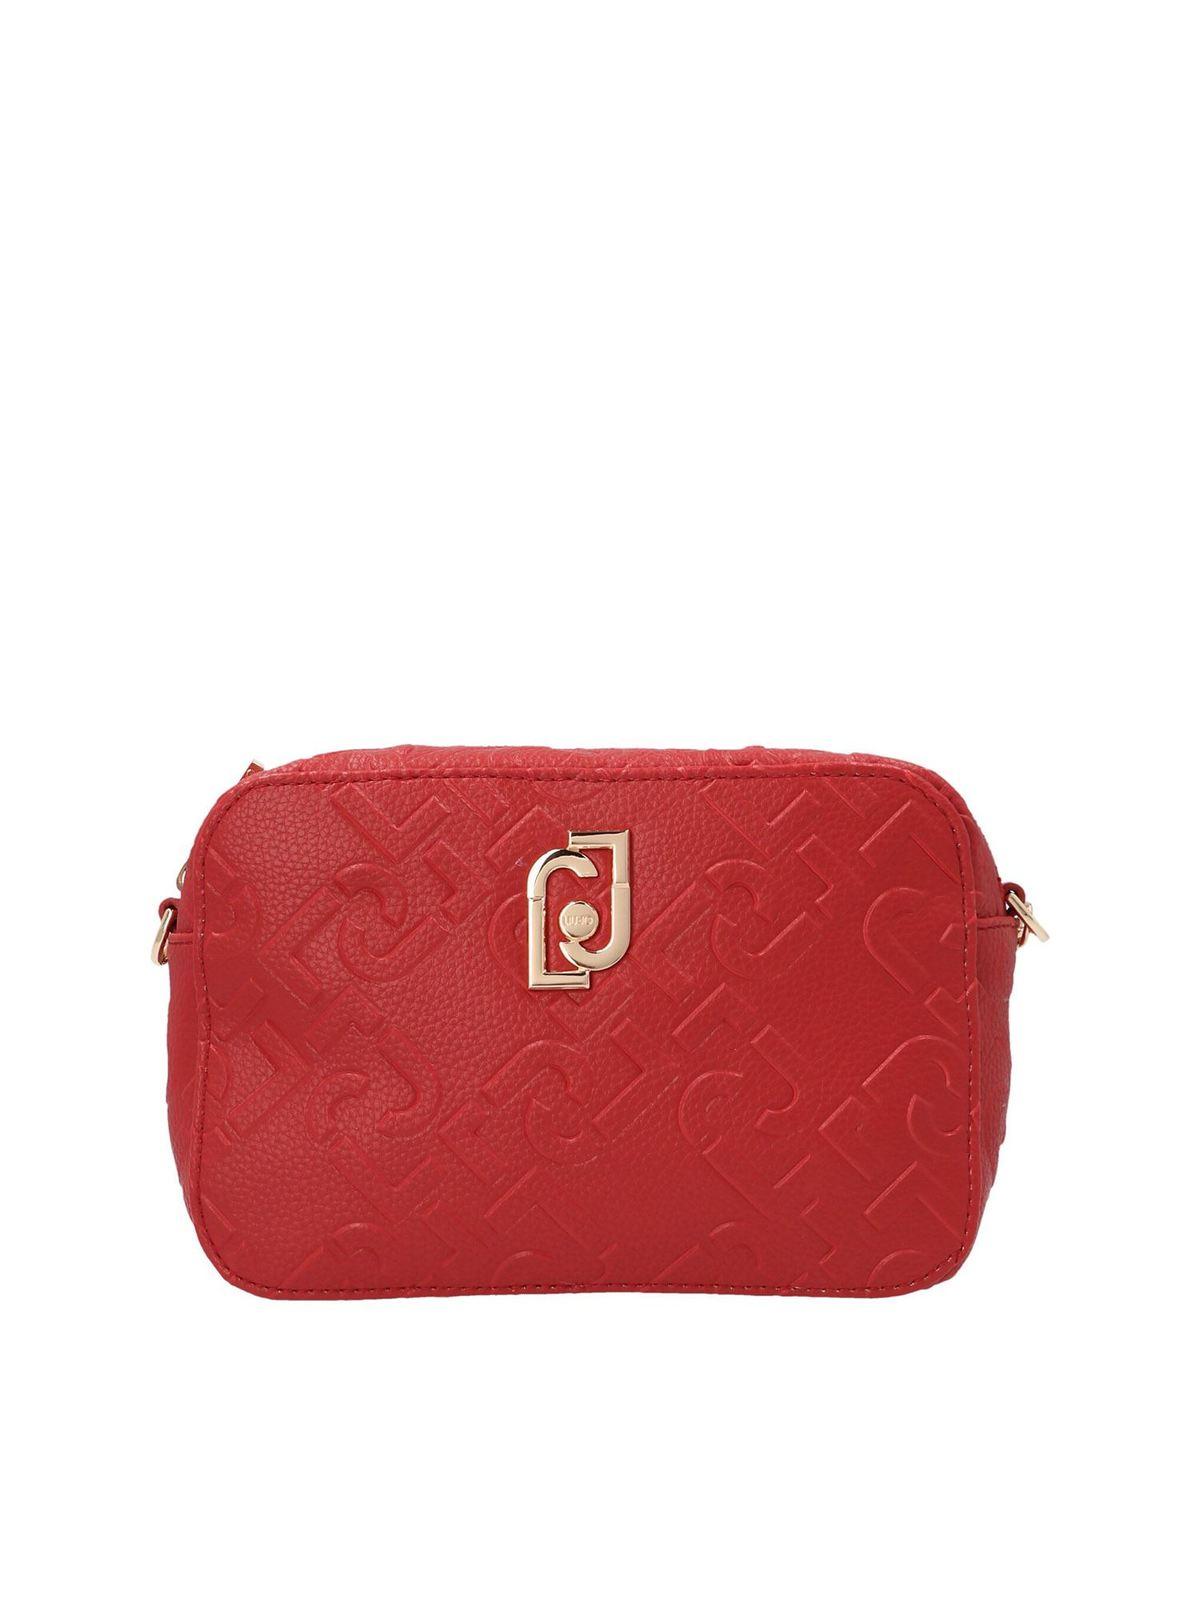 Liu •jo Crossbody bags S CROSSBODY CROSSBODY BAG IN RED